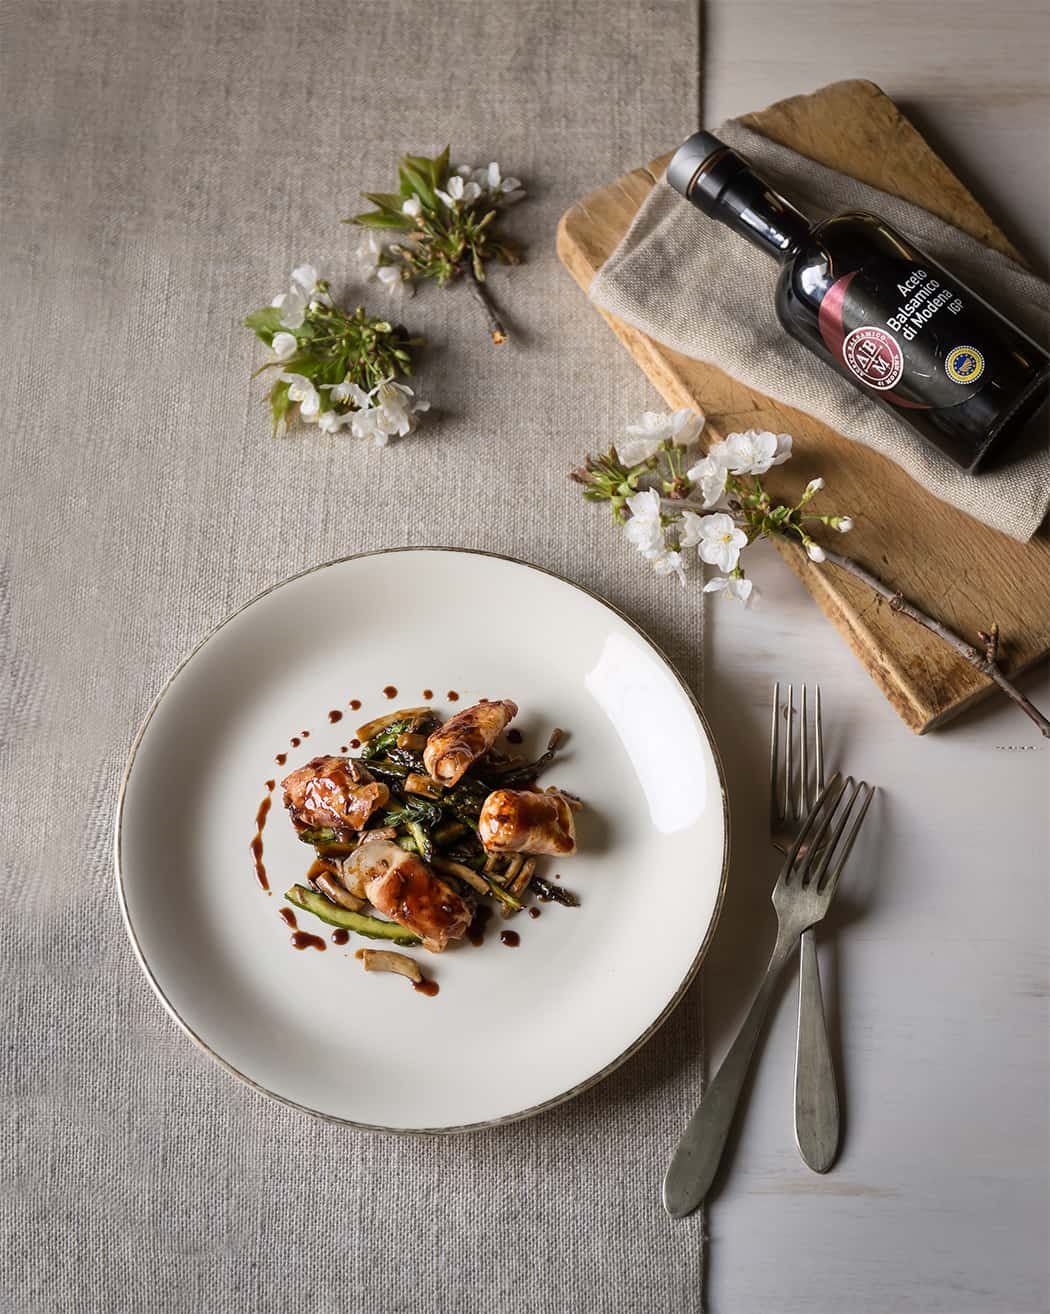 ricetta involtini con pancetta asparagi e aceto balsamico